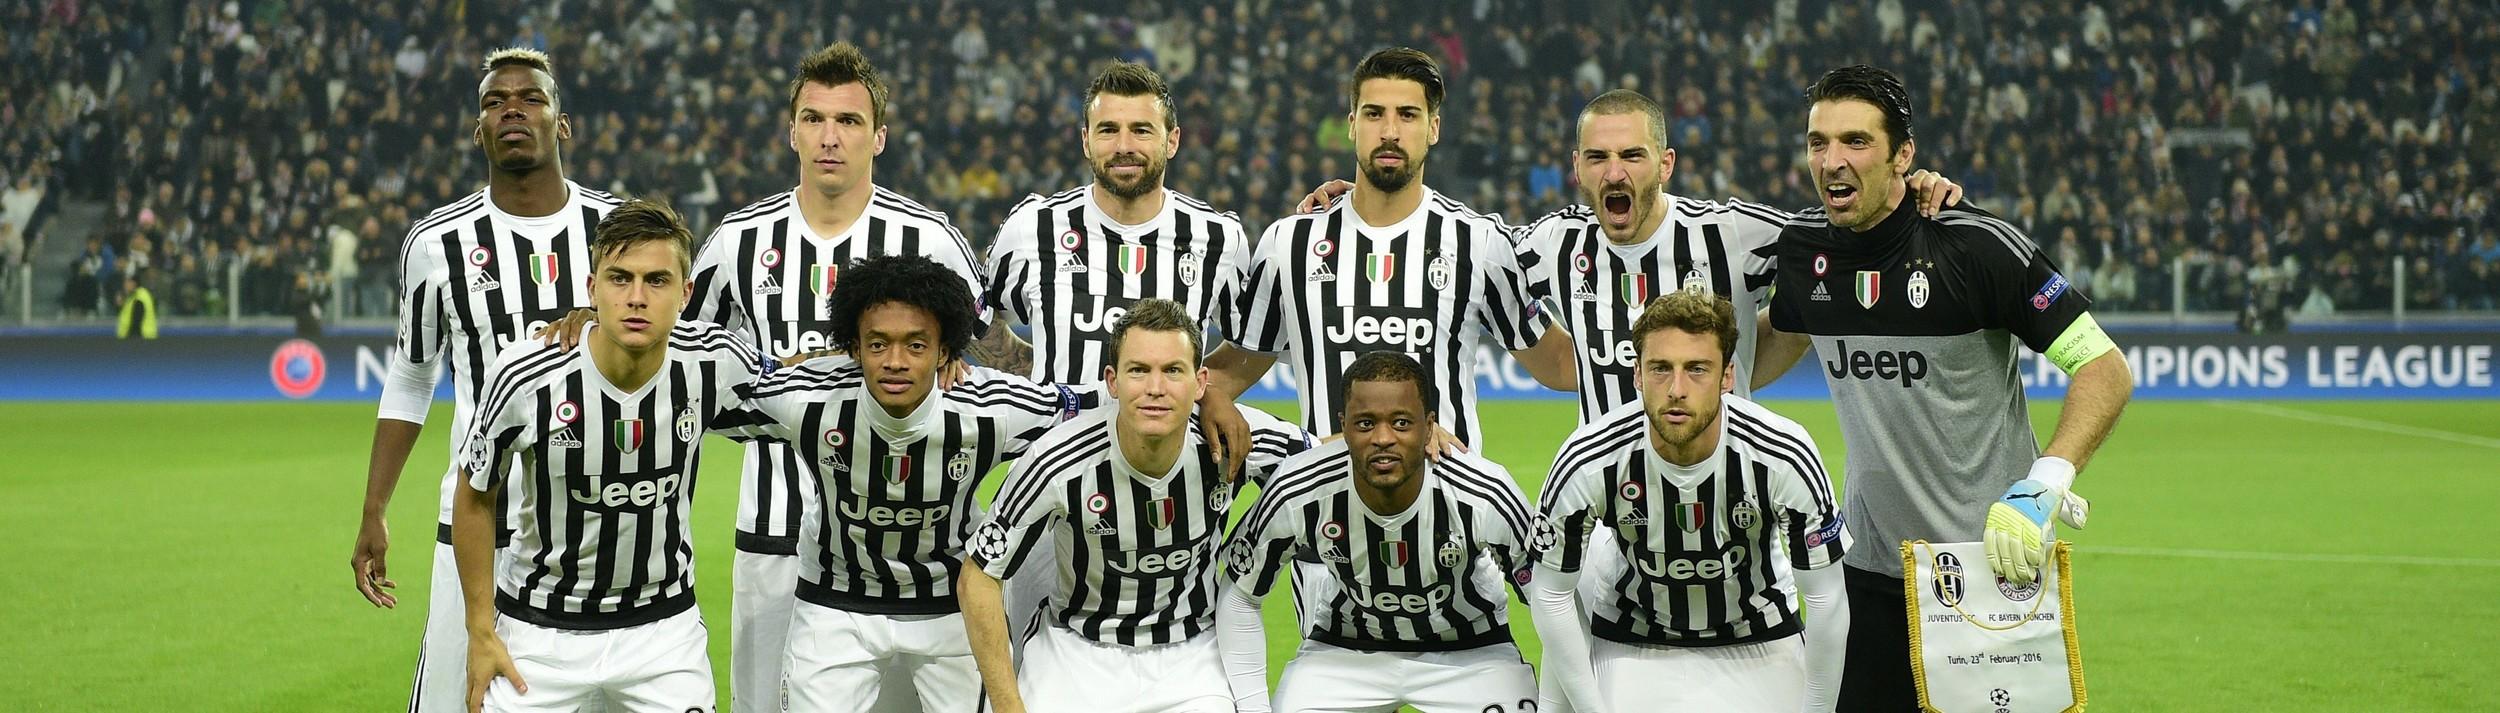 La Juve si prepara al rush finale della stagione, dove si gioca Scudetto e Coppa Italia